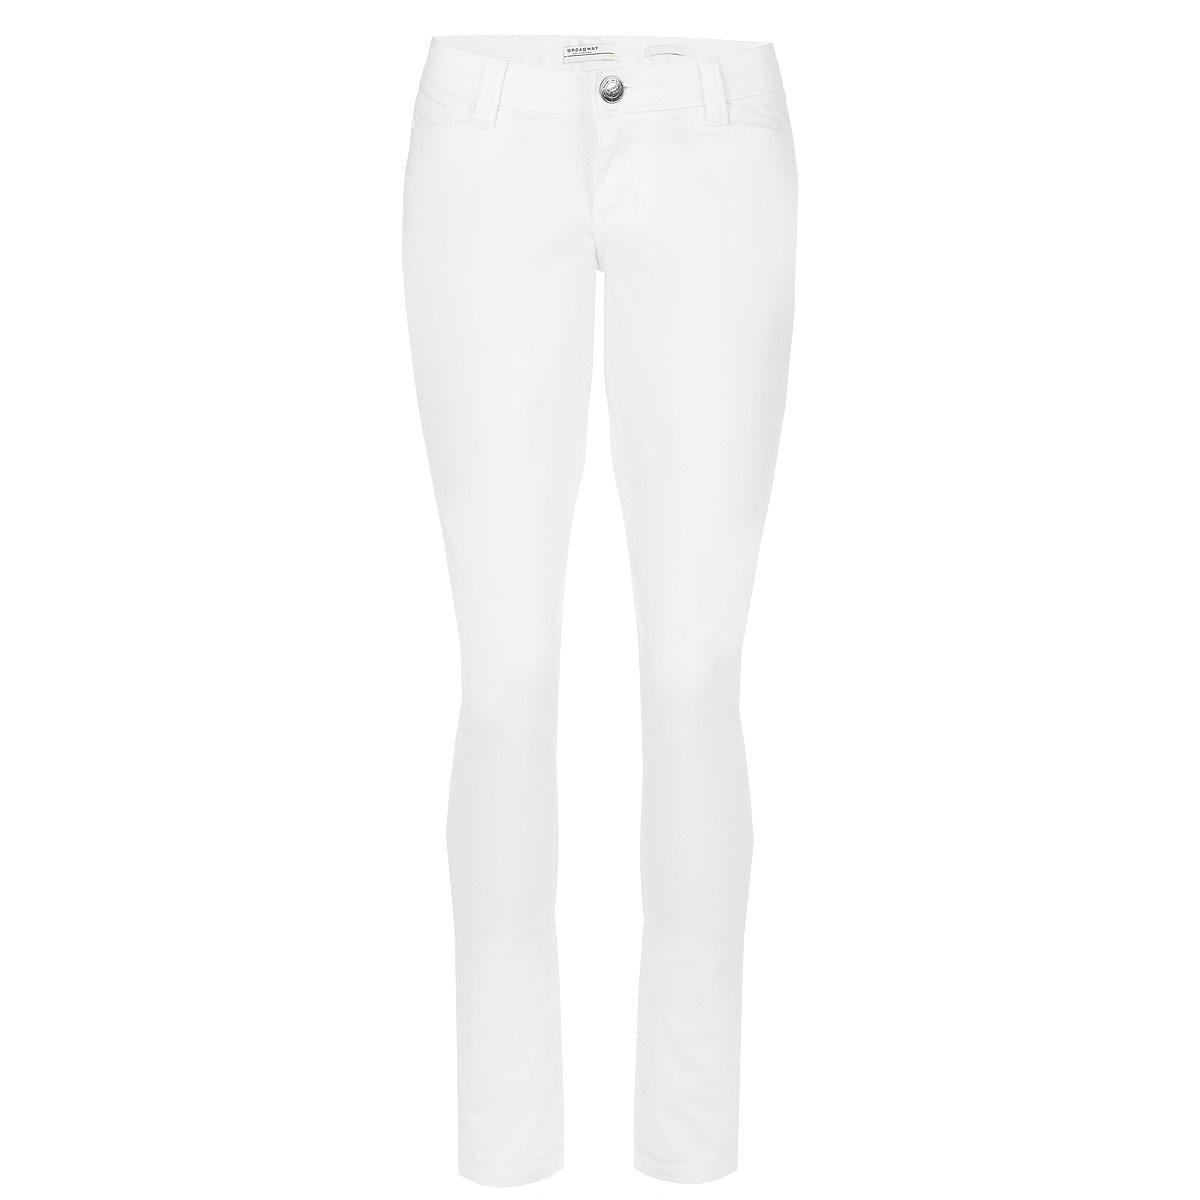 Брюки женские. 6010064260100642 000-whiteСтильные женские брюки Broadway выполнены из плотного материала, приятного на ощупь. Модель создана специально для того, чтобы подчеркивать достоинства вашей фигуры. Брюки зауженного к низу кроя и низкой посадки - отличный выбор для создания динамичного городского образа. Застегиваются брюки на пуговицу и ширинку на застежке-молнии, имеются шлевки для ремня. Спереди модель оформлены двумя втачными карманами и одним потайным кармашком, а сзади - двумя накладными карманами. Эти модные и в тоже время комфортные брюки послужат отличным дополнением к вашему гардеробу. В них вы всегда будете чувствовать себя уютно и комфортно.